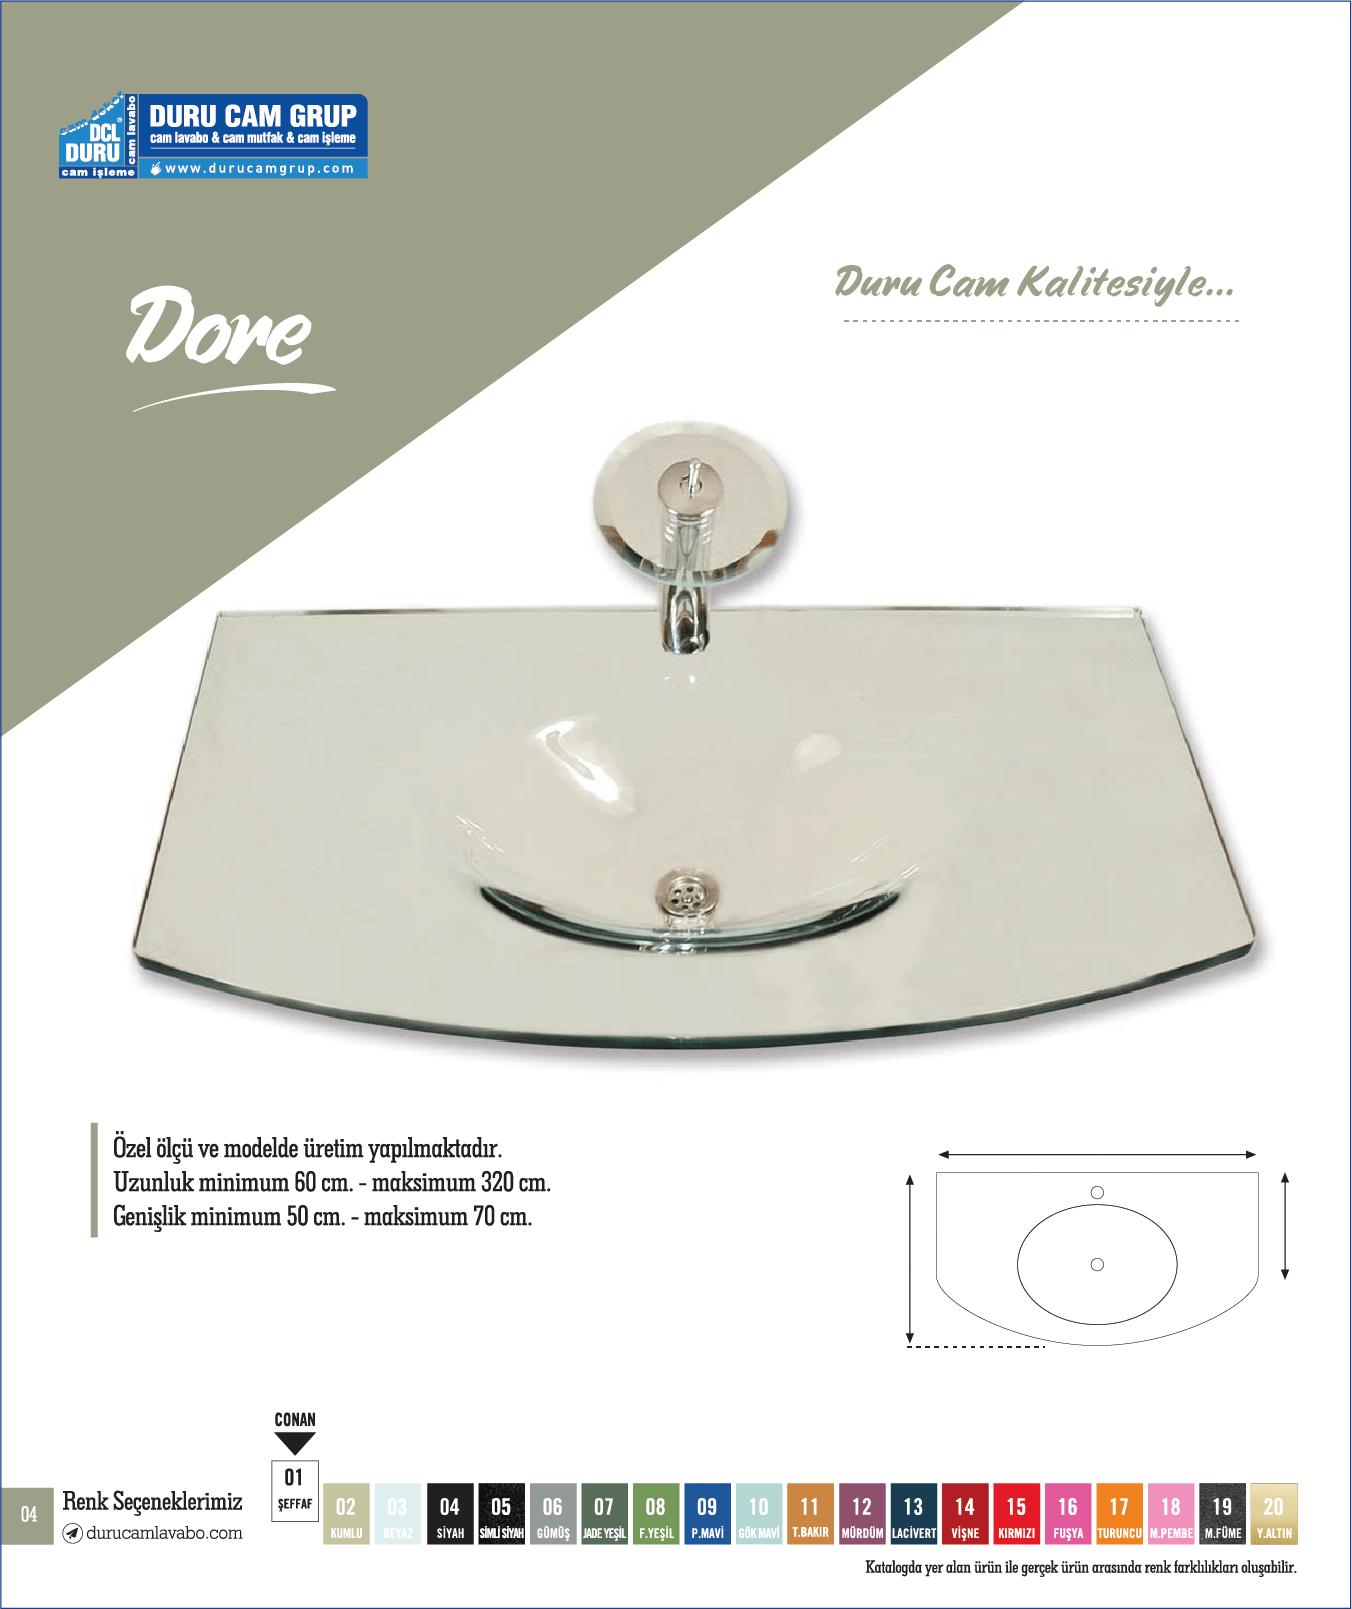 Dore Model